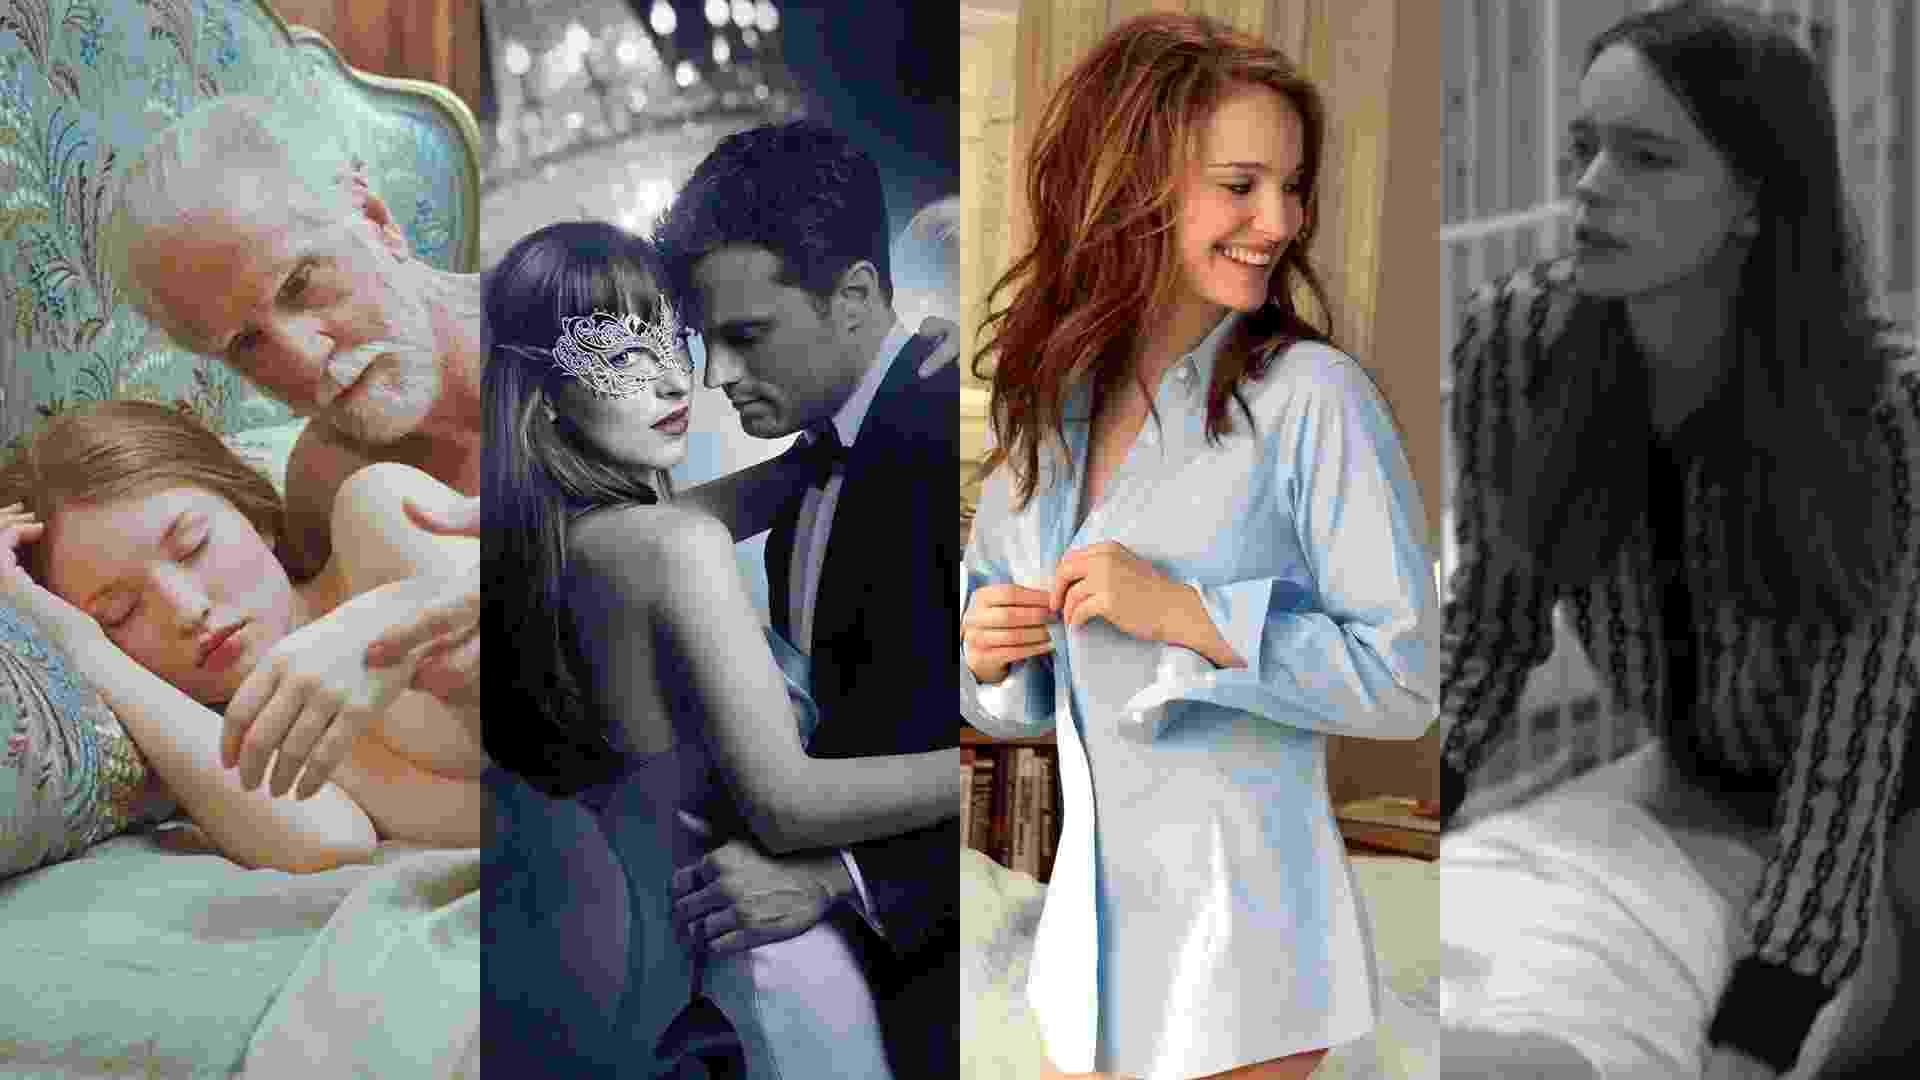 """Cenas dos filmes """"Beleza Adormecida"""" (2011), de Julia Leigh, """"Cinquenta Tons Mais Escuros"""" (2017), de James Foley, """"Sexo Sem Compromisso"""" (2011), de Ivan Reitman e """"Ninfomaníaca: Volume 1"""" (2013), de Lars von Trier - Reprodução/Montagem"""